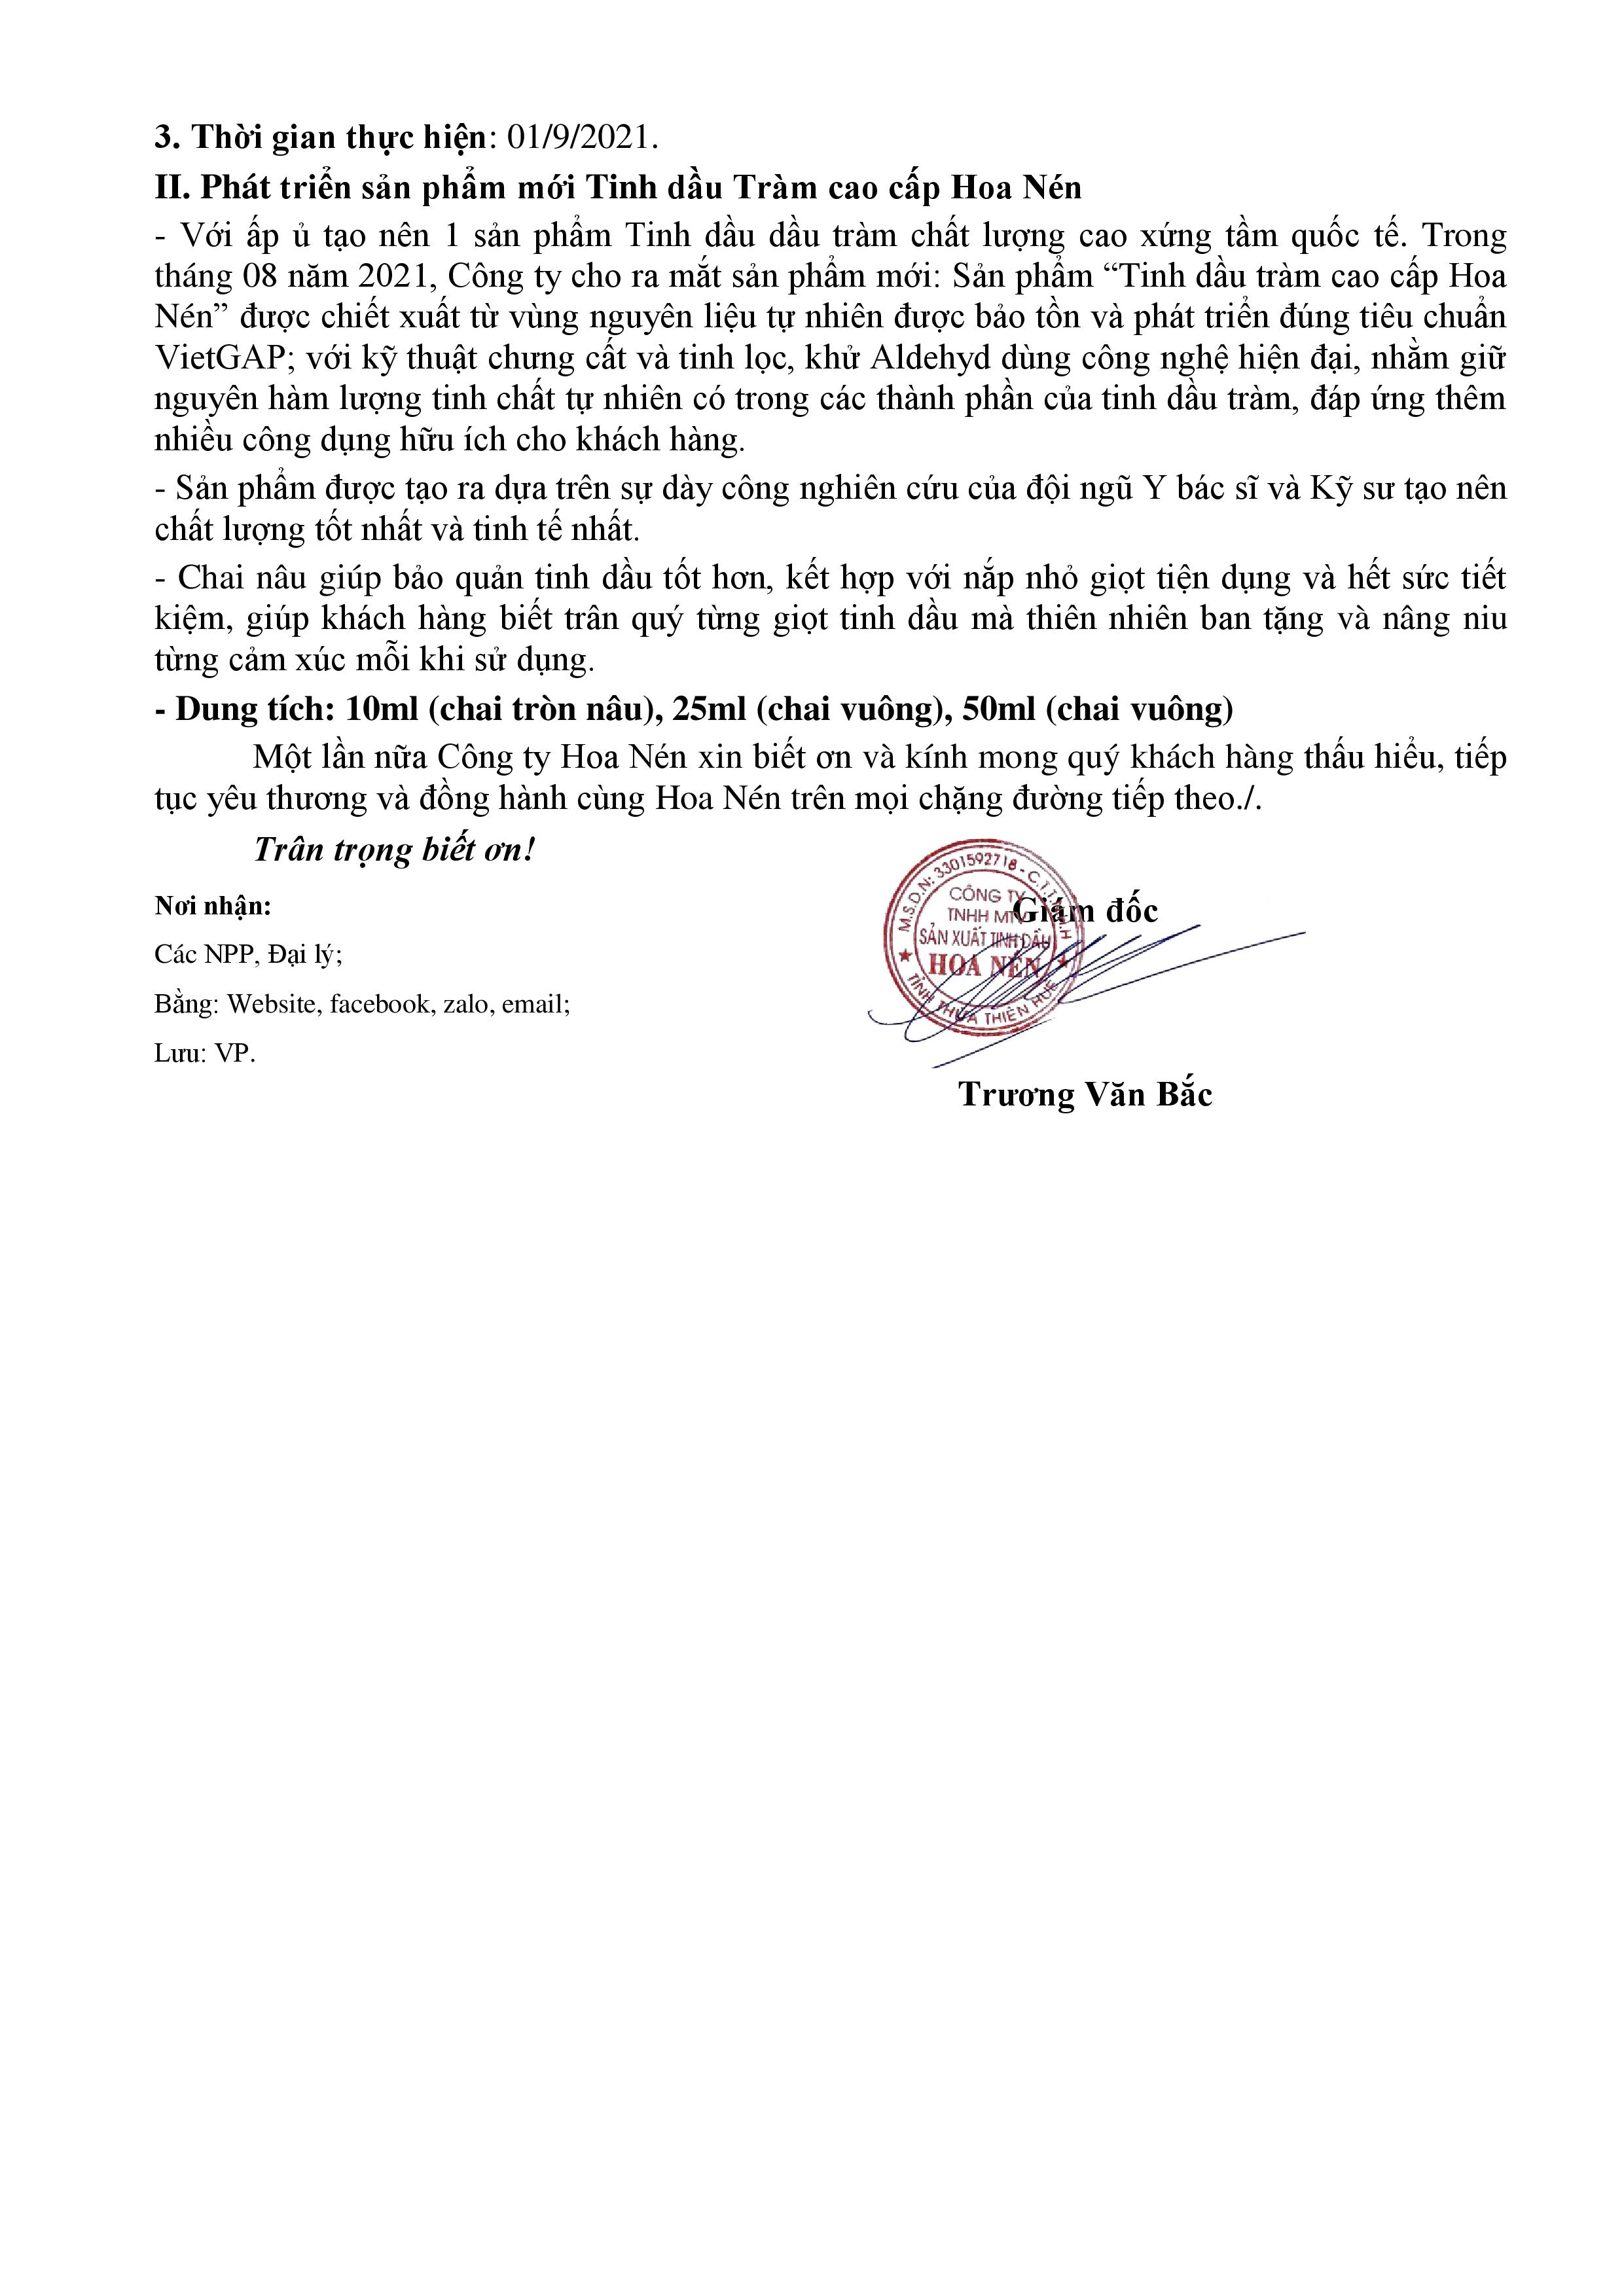 THONG BAO 2 DIEU CHINH GIA 2021 GUI KHACH HANG  16.8-page-002